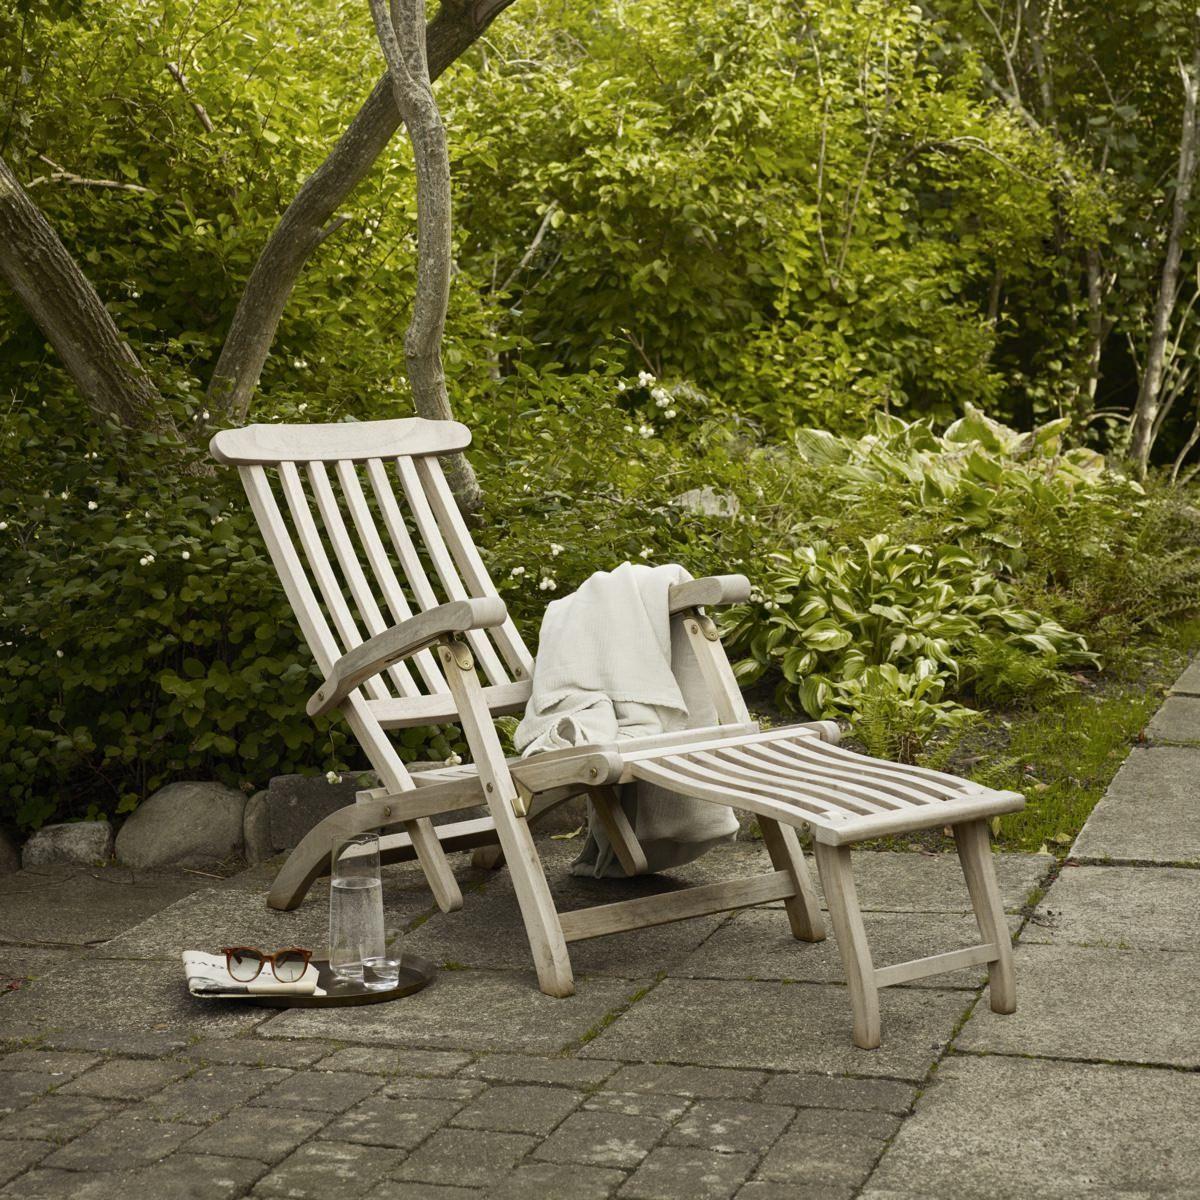 Skagerak Steamer Deck Chair in the garden